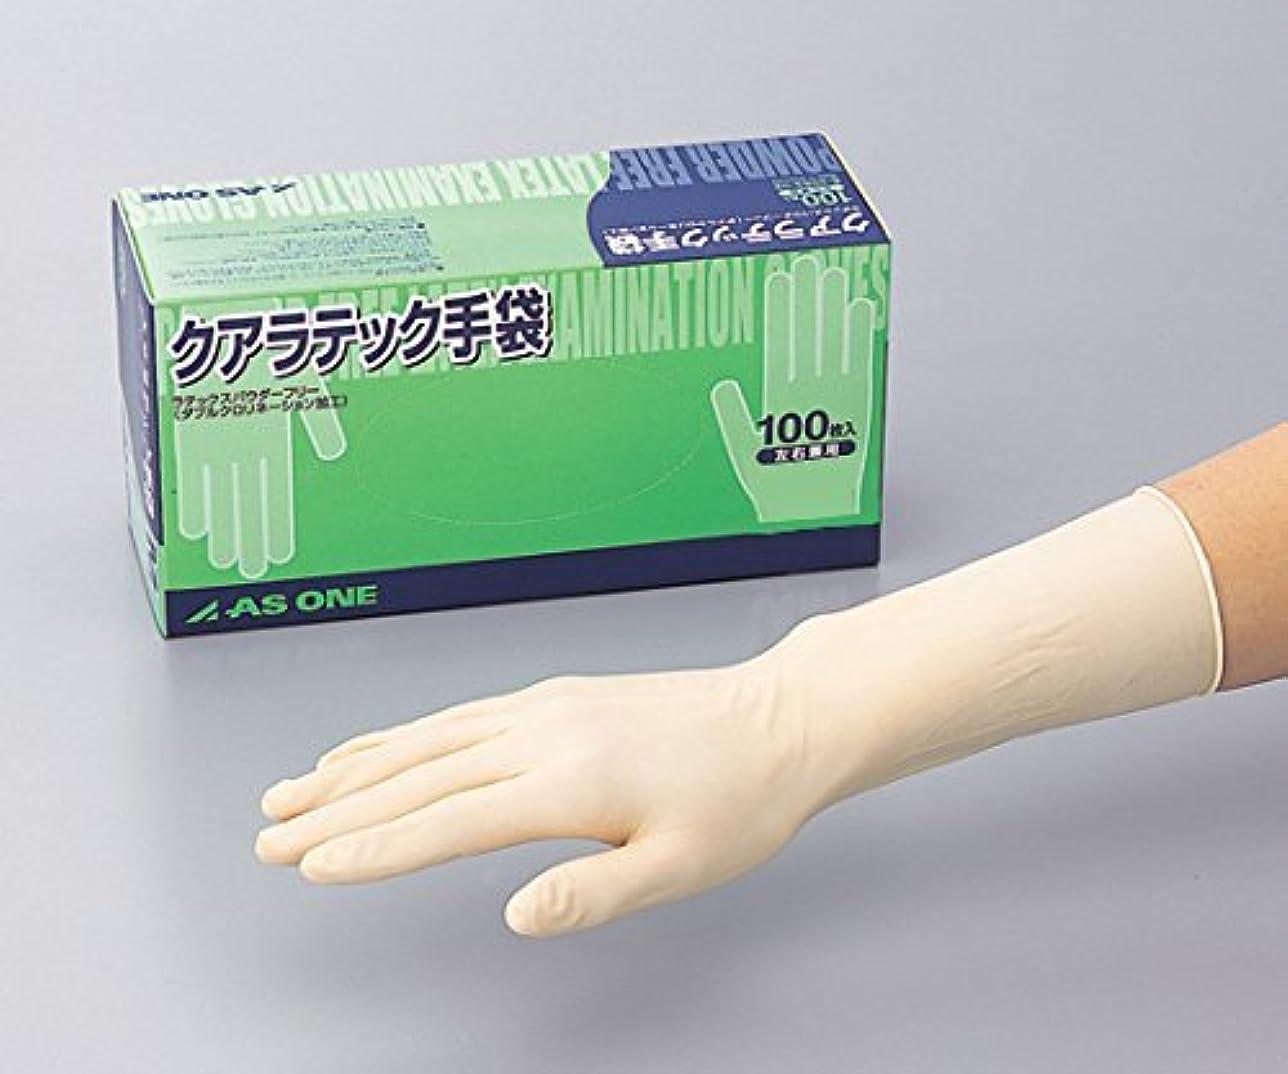 興奮する低い怠アズワン8-4053-01クアラテック手袋(DXパウダーフリー)L1箱(100枚入)